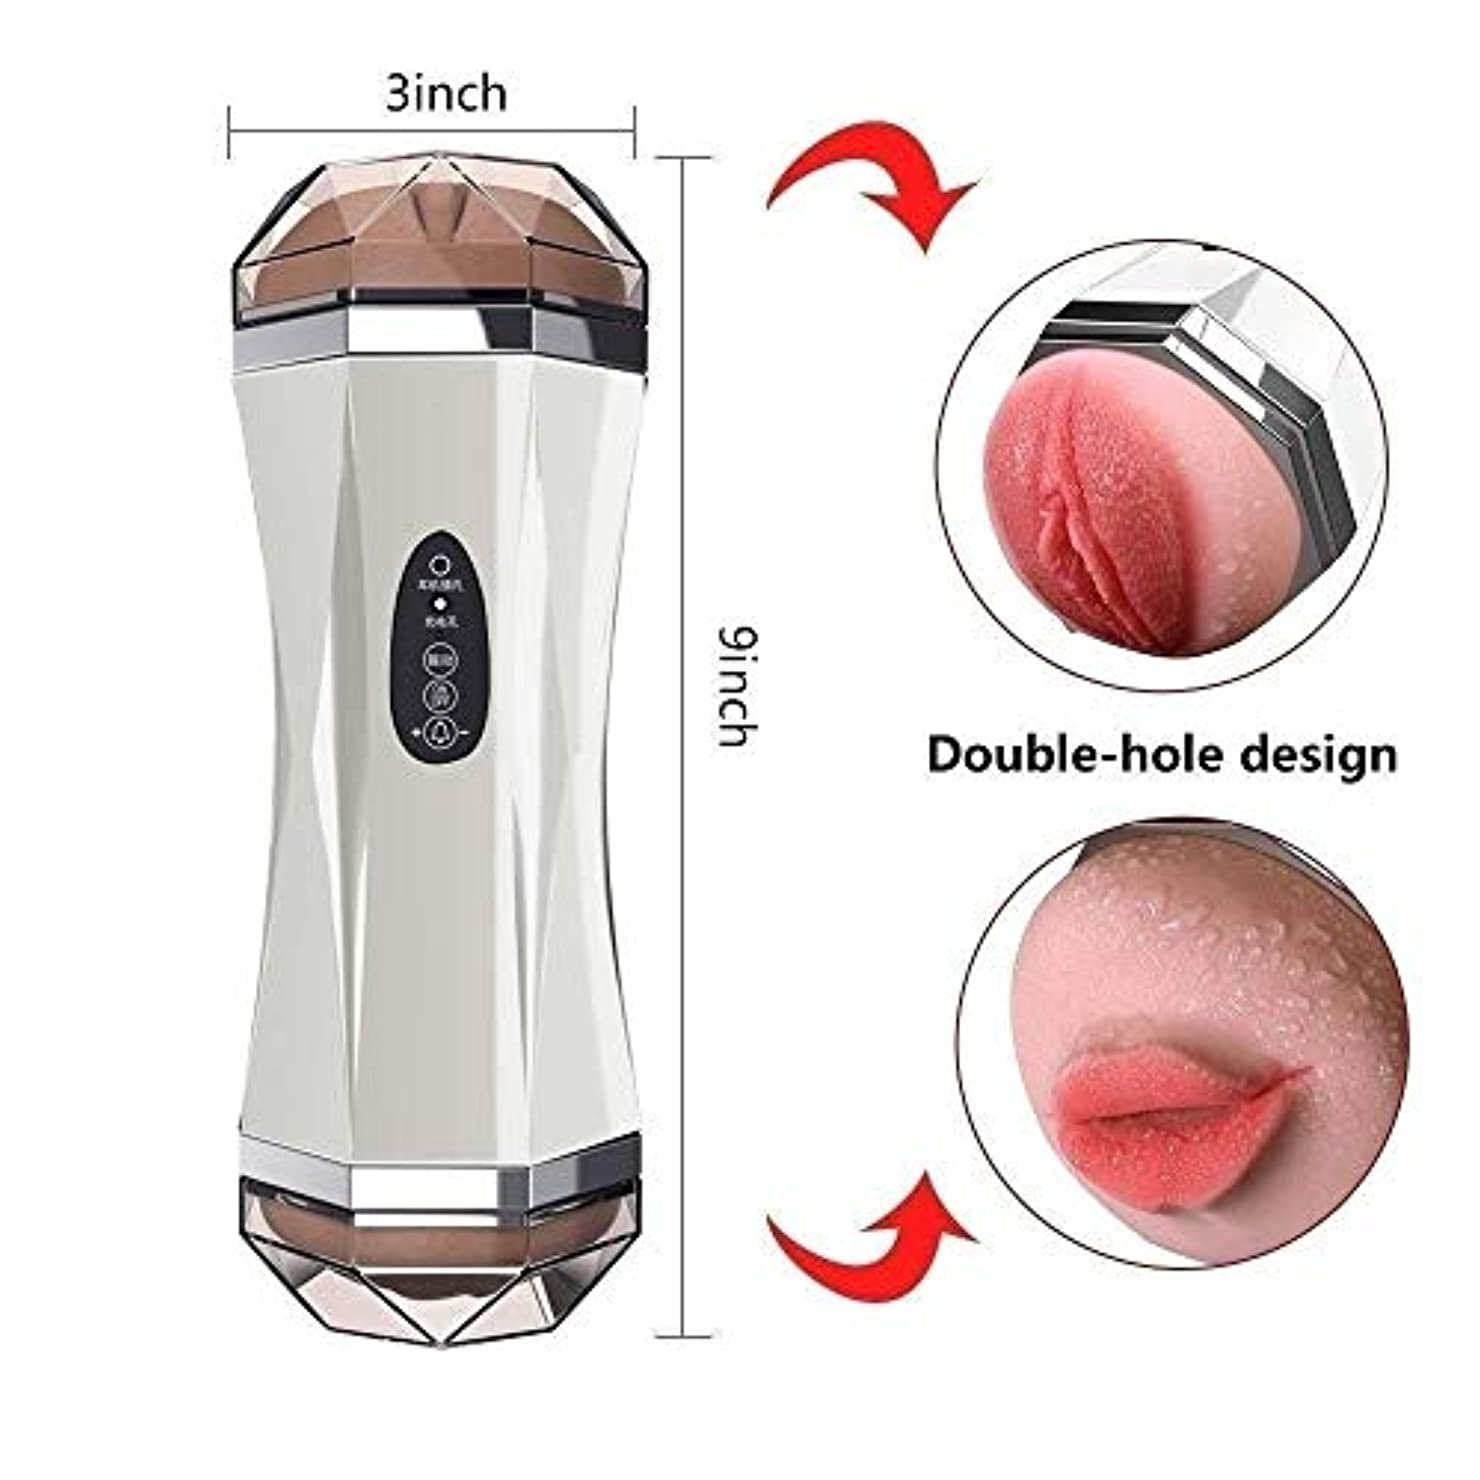 Risareyi 強力な振動モードを備えた男性用自動吸盤2 in 1インテリジェントヘッドフォンモードマスタベーションデバイスUSB充電スポーツ用品